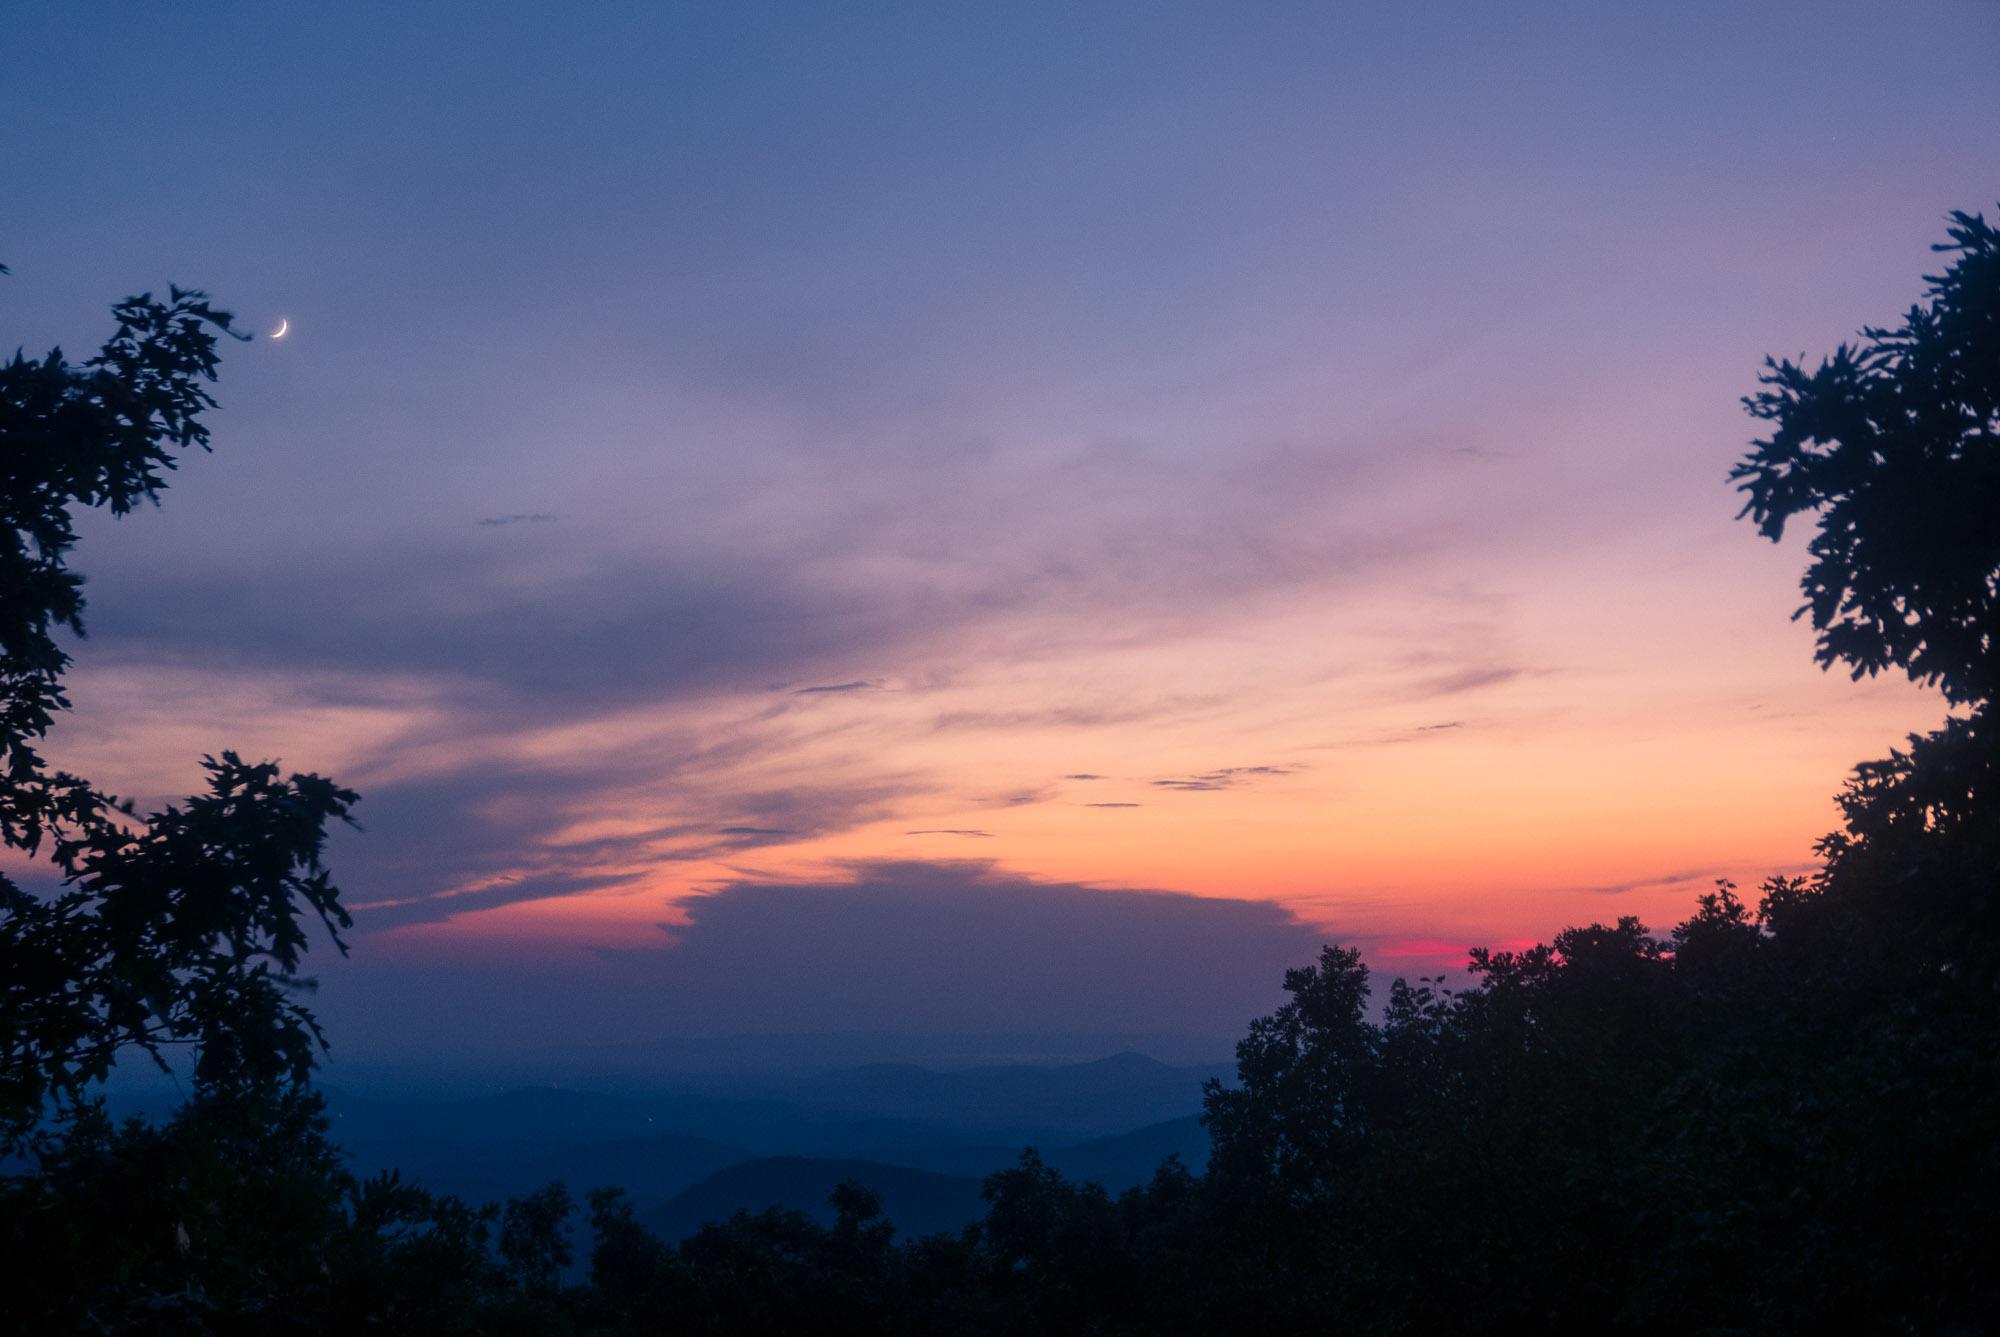 Twilight On the Summit